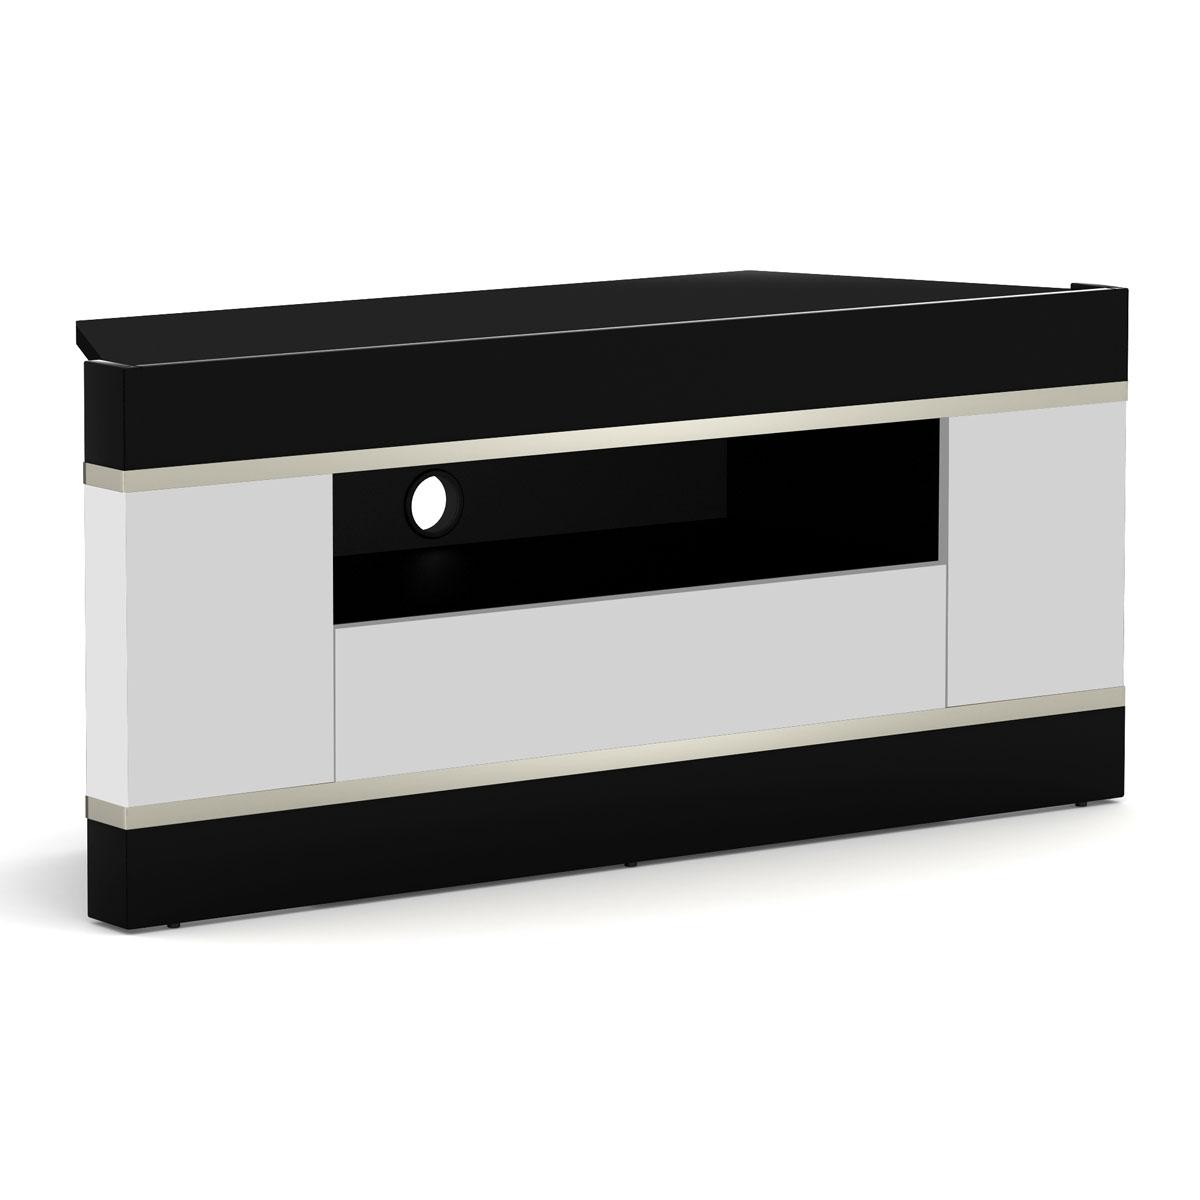 Elmob linos li 110 02 blanc meuble tv elmob sur ldlc for Meuble hifi 110